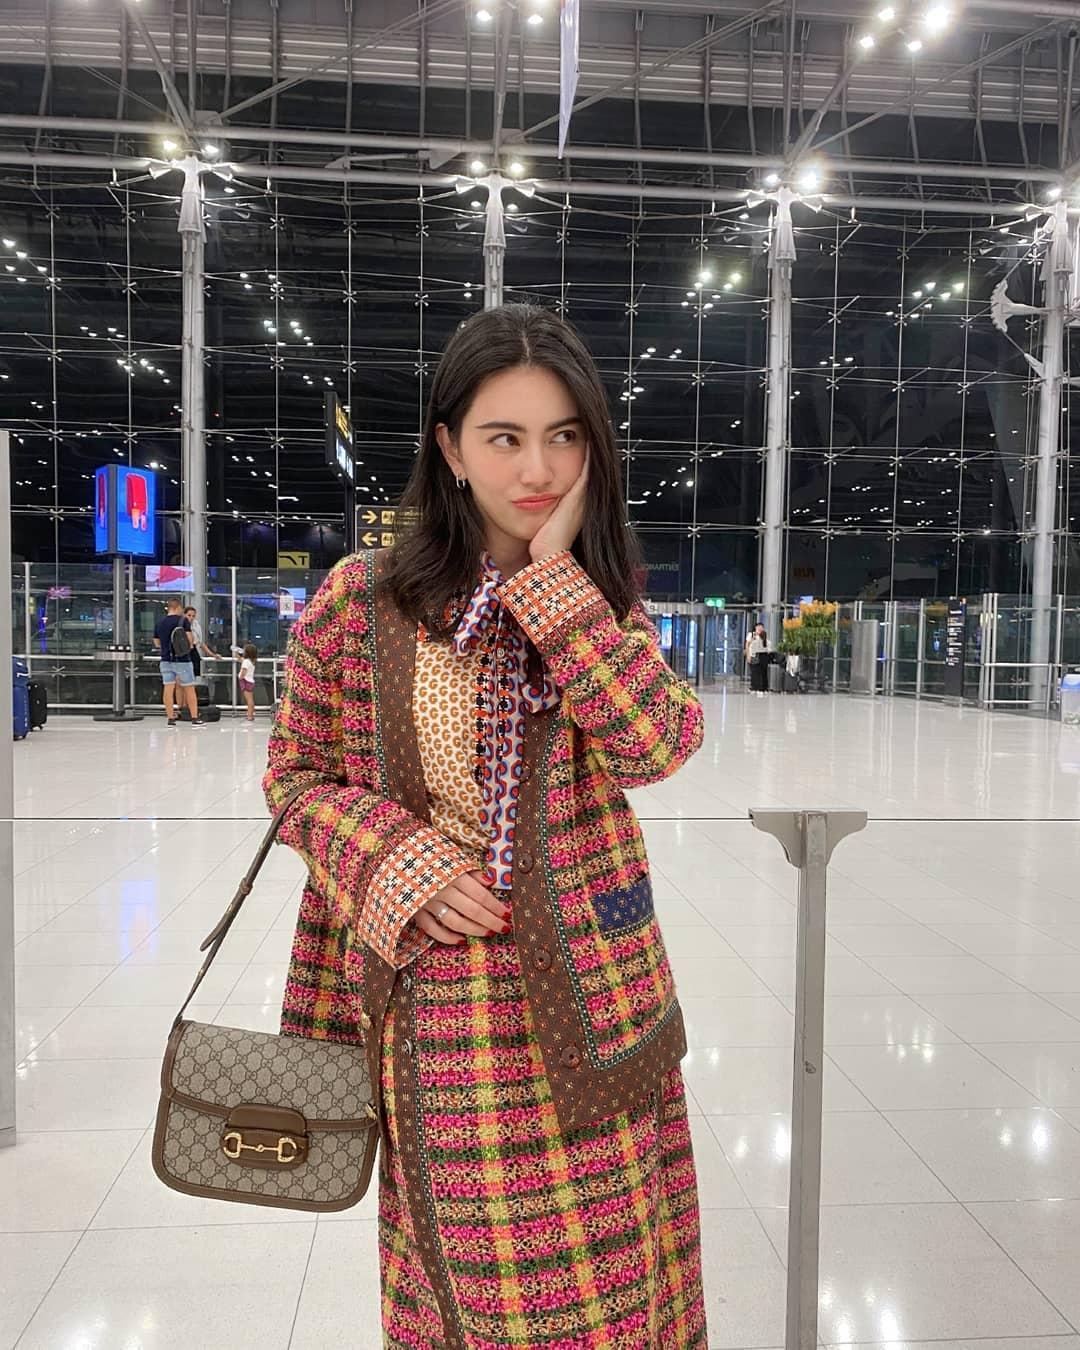 Nữ diễn viên Davika Hoorne với thời trang ấn tượng tại sân bay